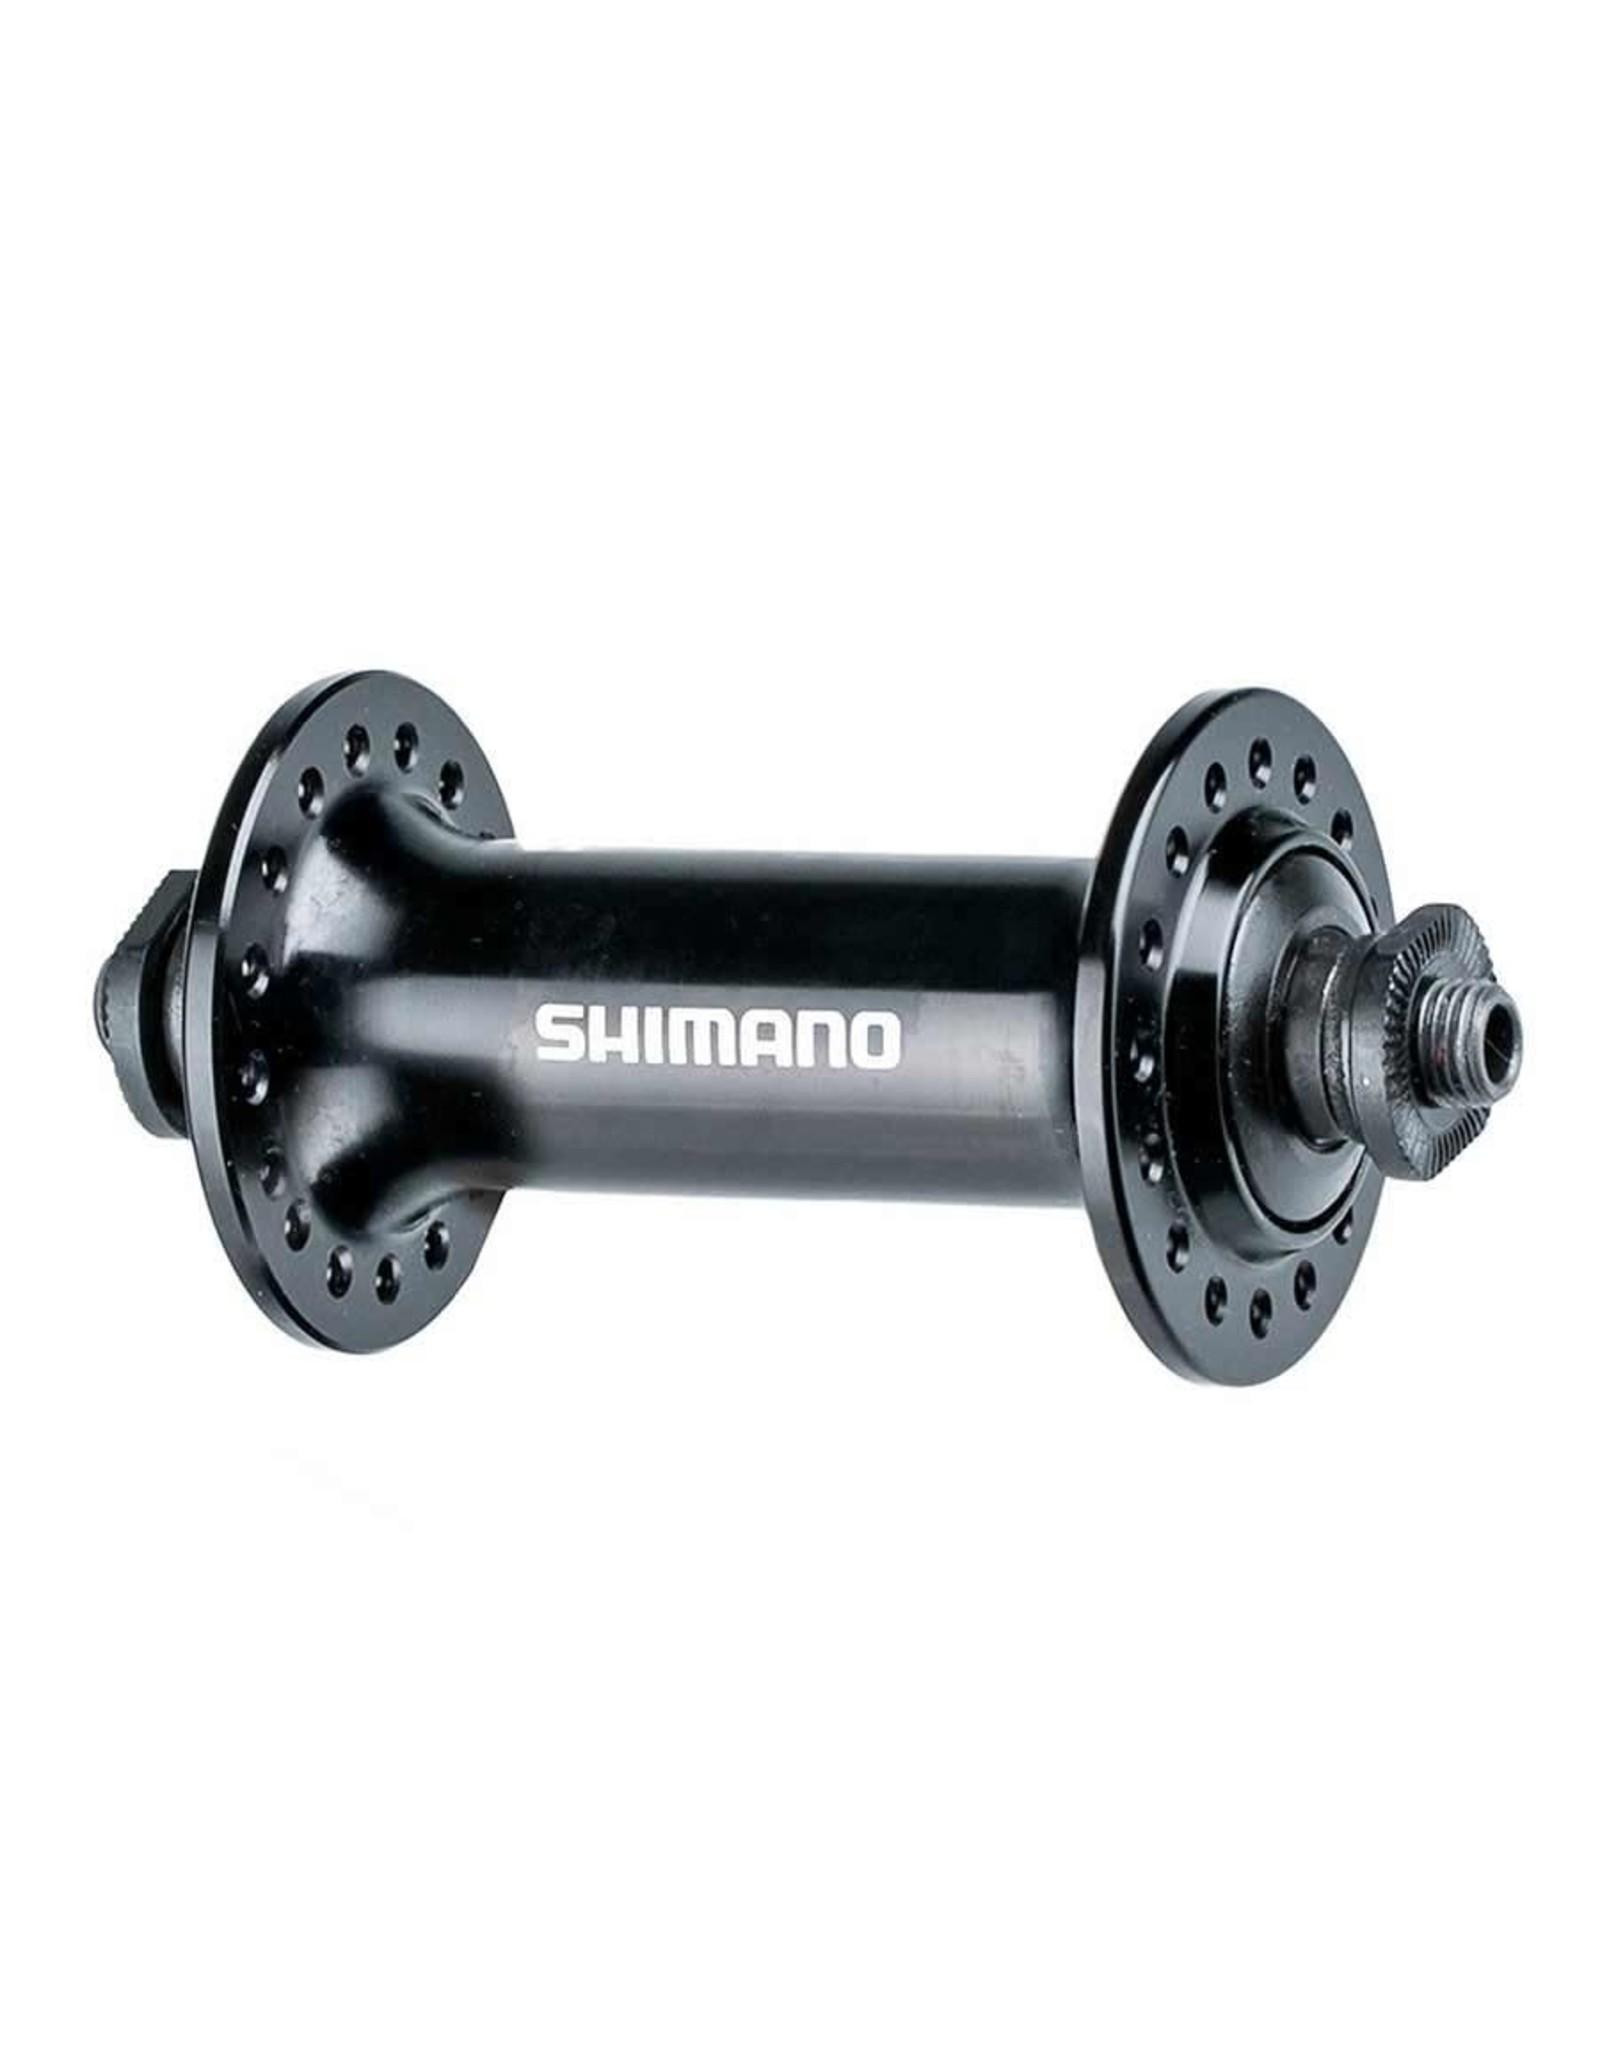 Shimano Hub, Front - Shimano HB-RS400, 100OLD, 32H, Black